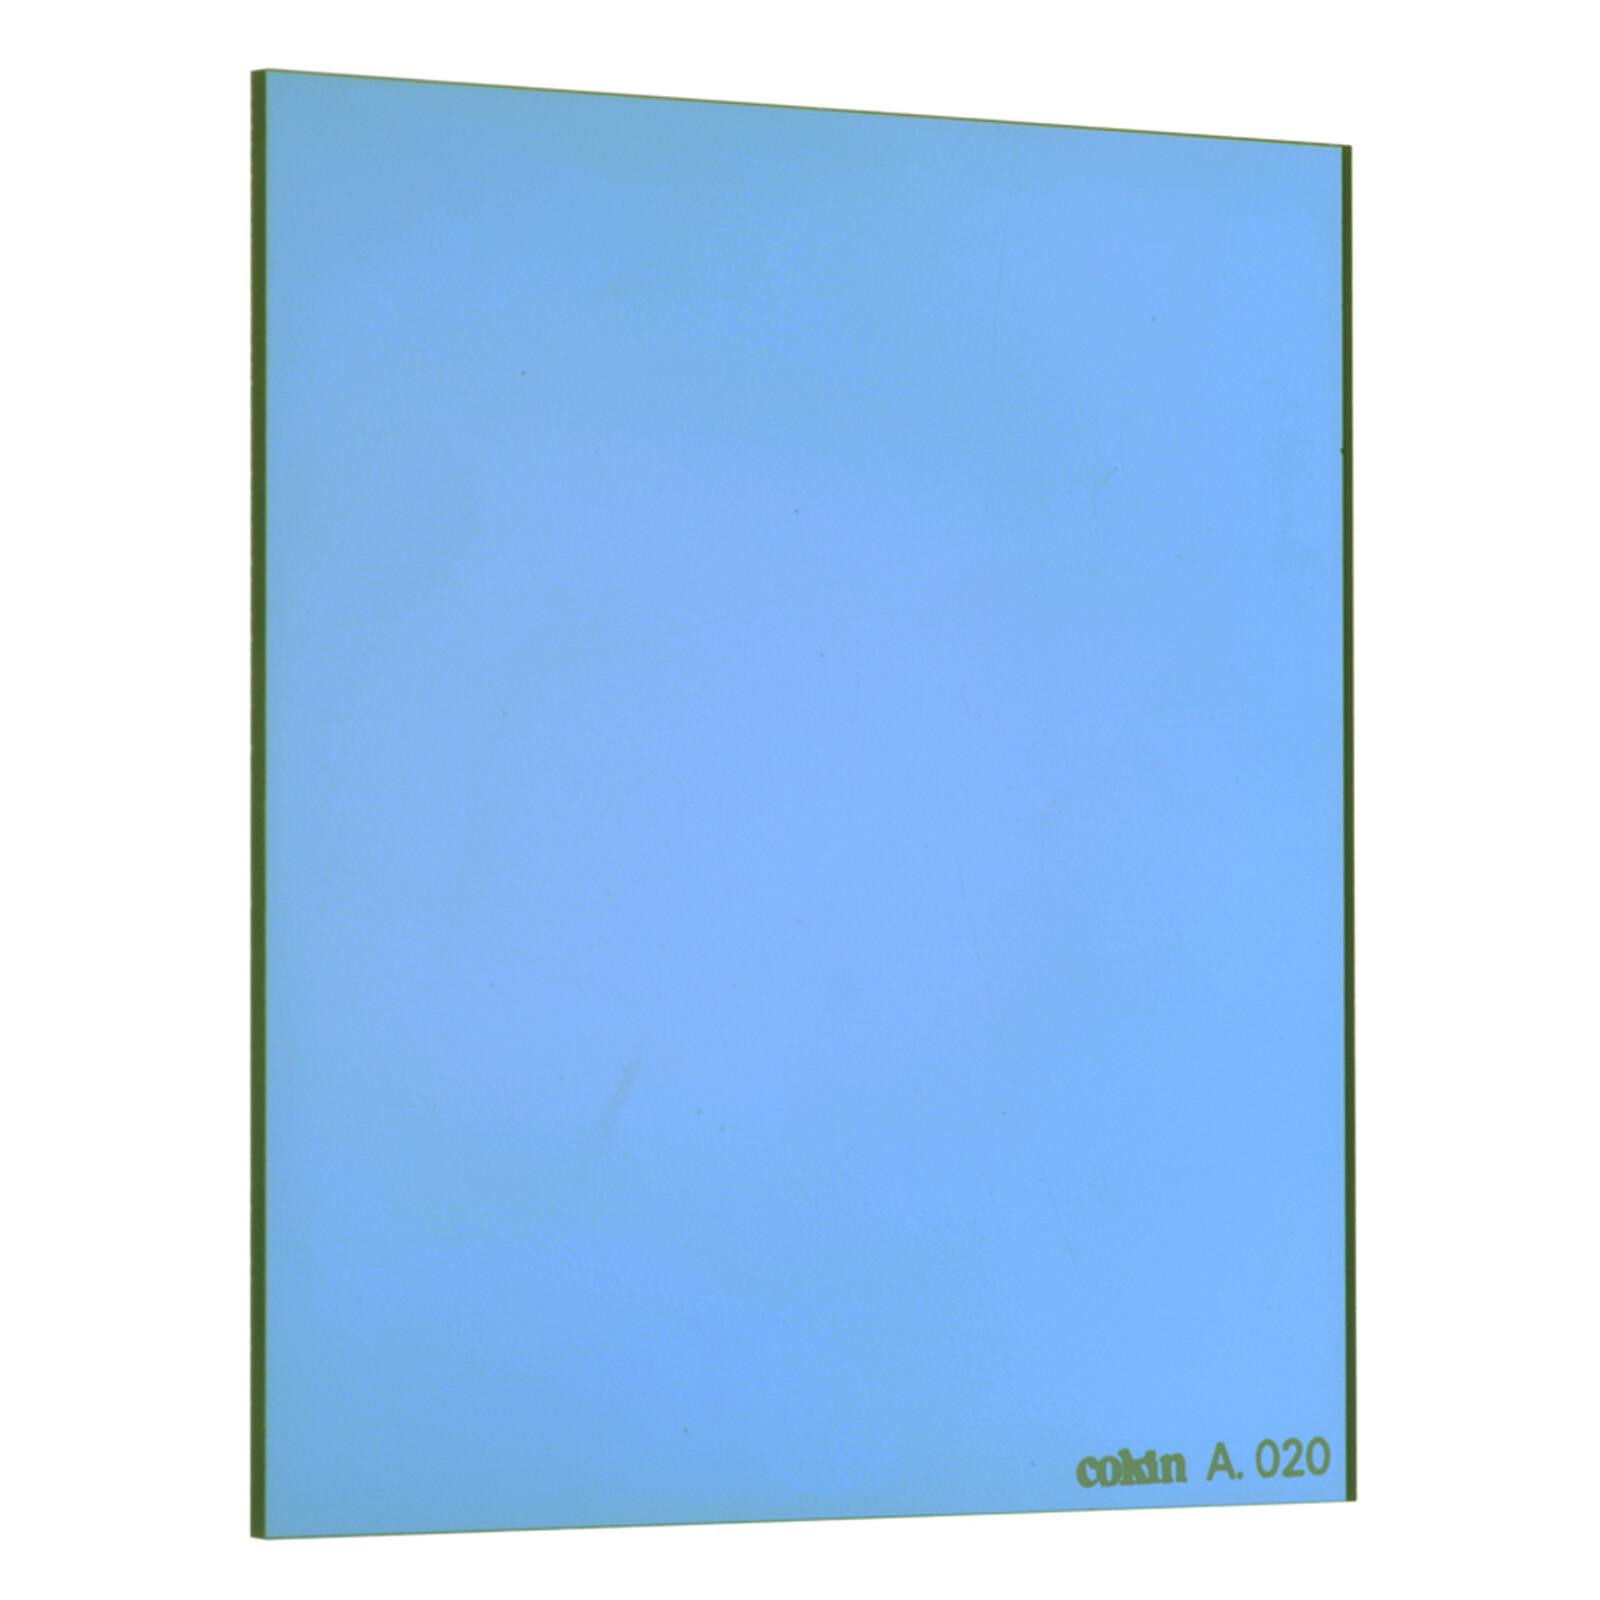 Cokin Z020 Konversion Blau 80A